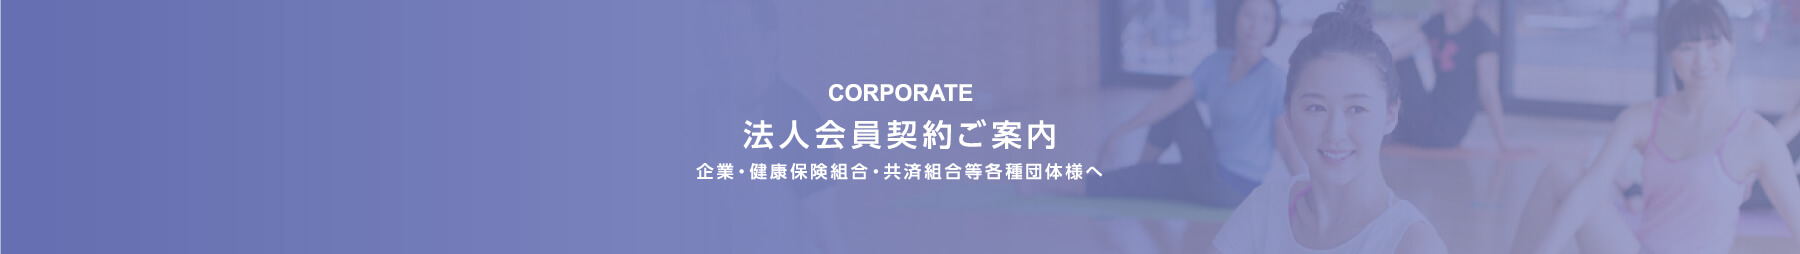 法人会員契約ご案内 企業・健康保険組合・共済組合等各種団体様へ -CORPORATE-